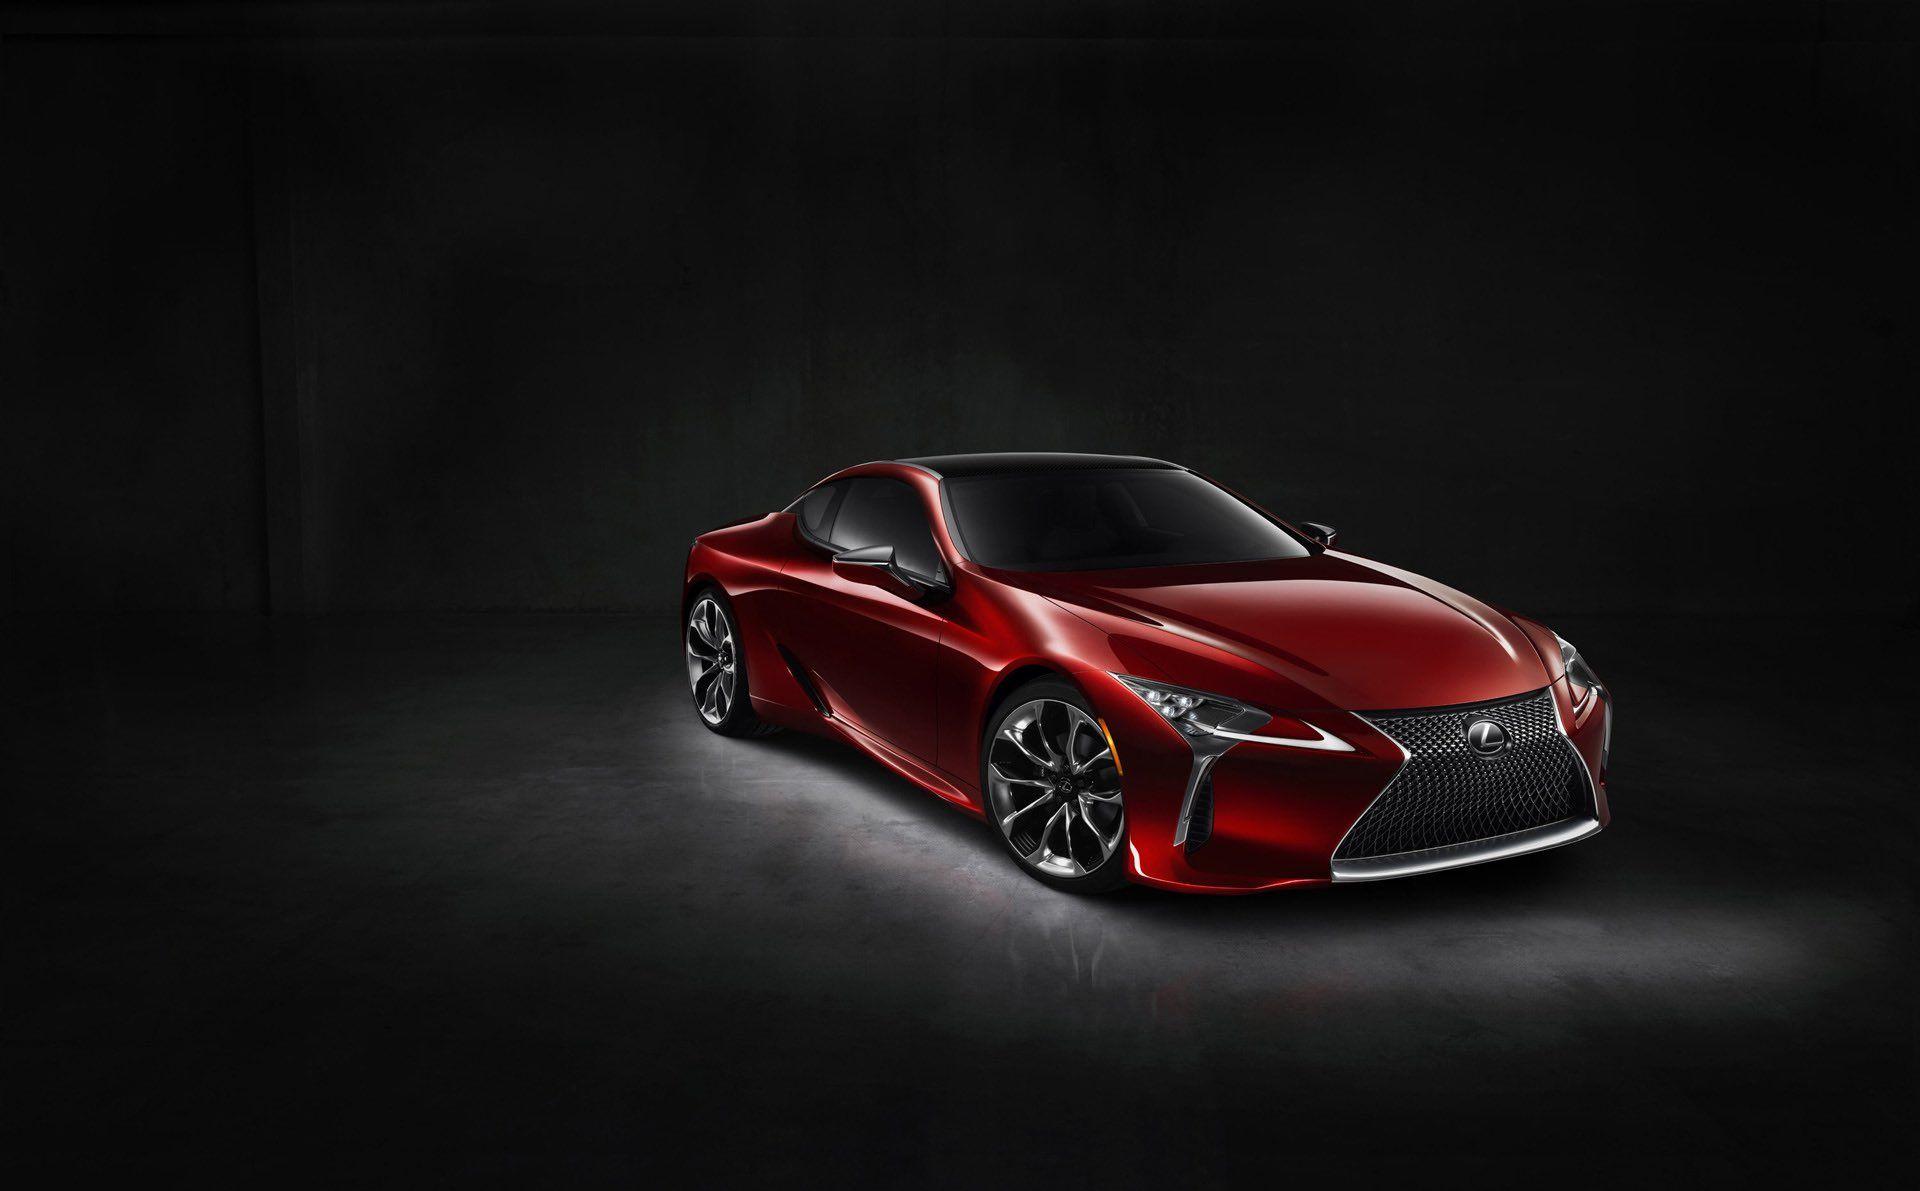 2021 Lexus Lc F In 2020 Lexus Lc Lexus Cars Lexus Sport